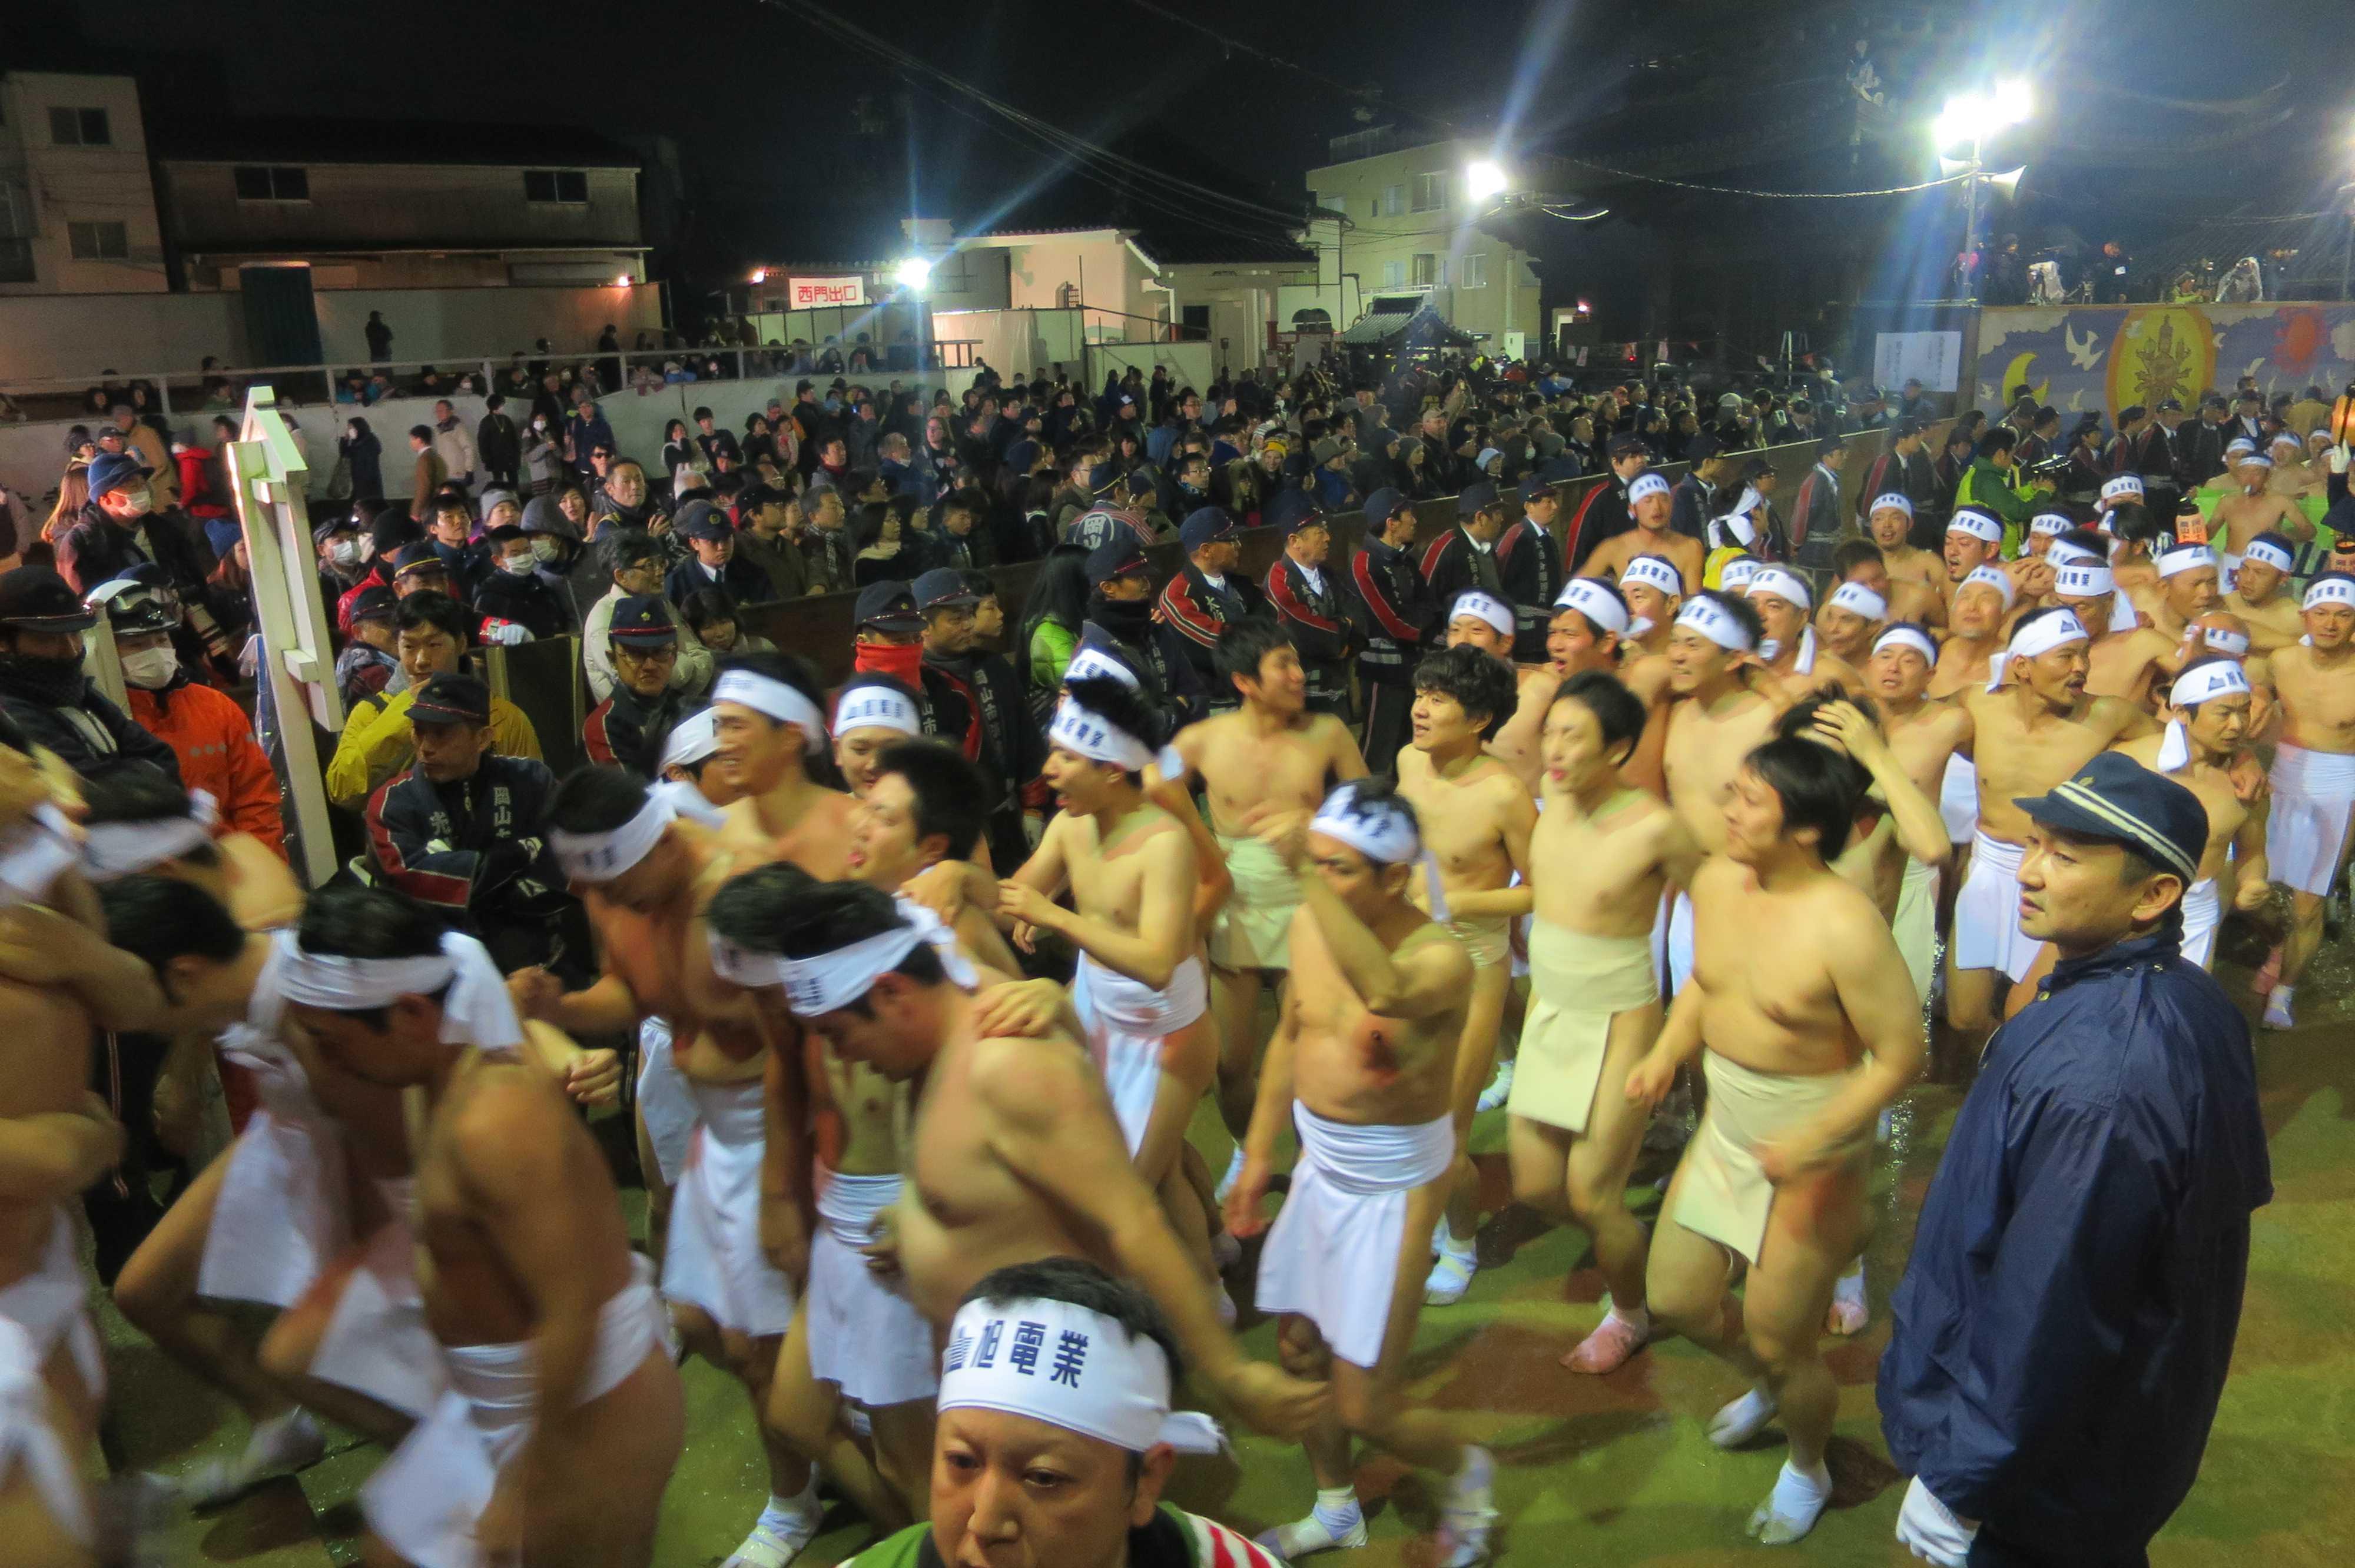 日本三大奇祭 - 西大寺会陽